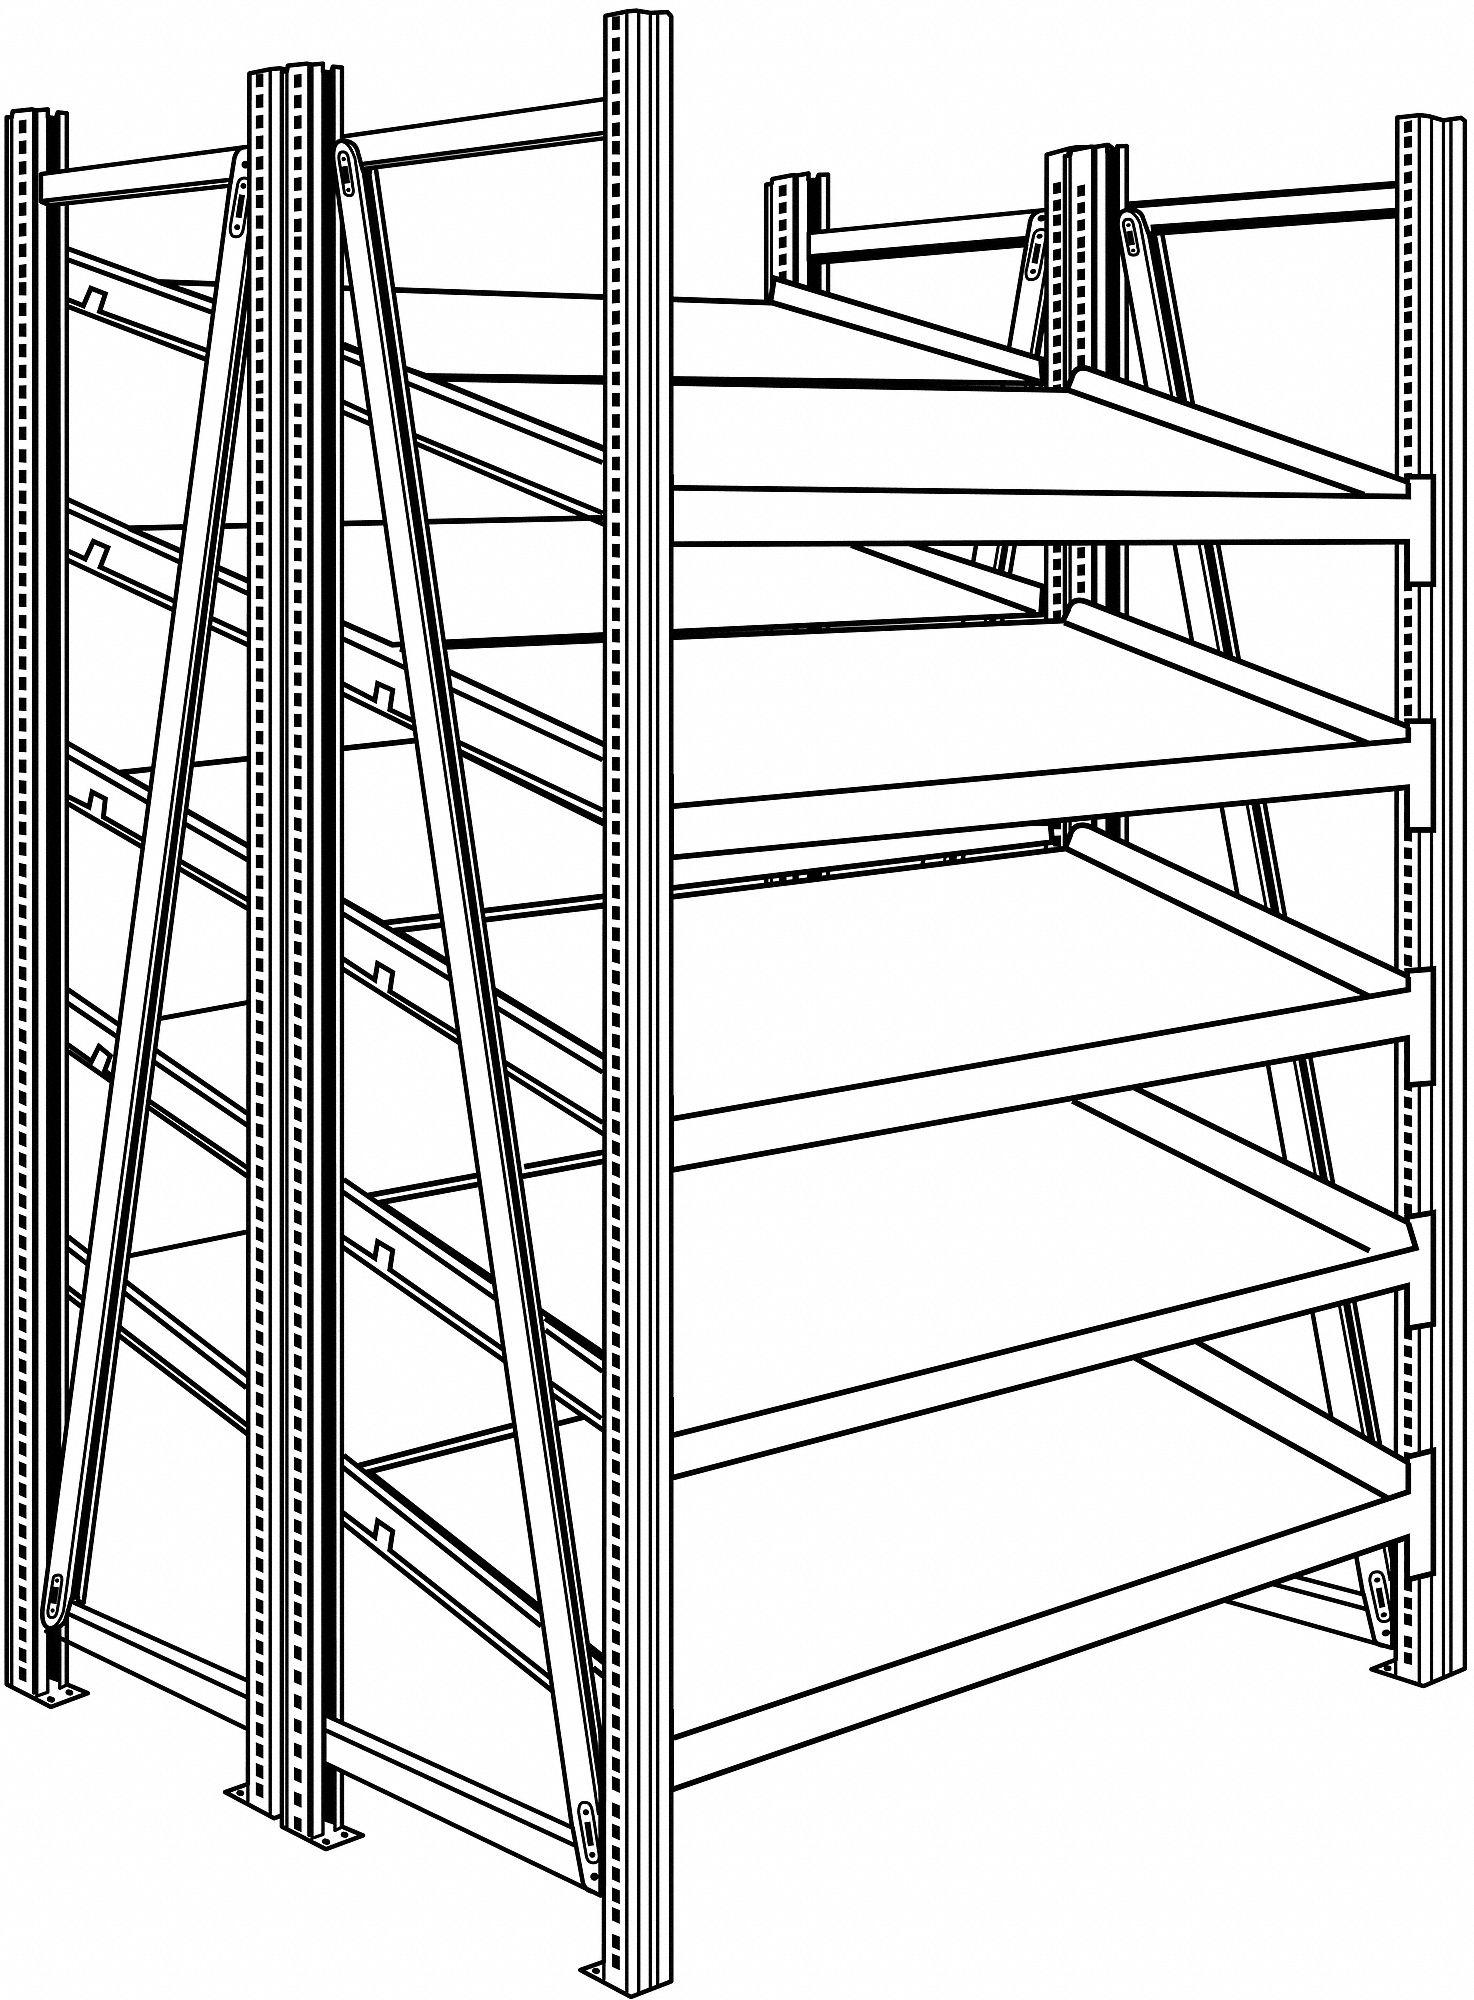 SSI SCHAEFER Boltless Shelving,Starter,78-1/2